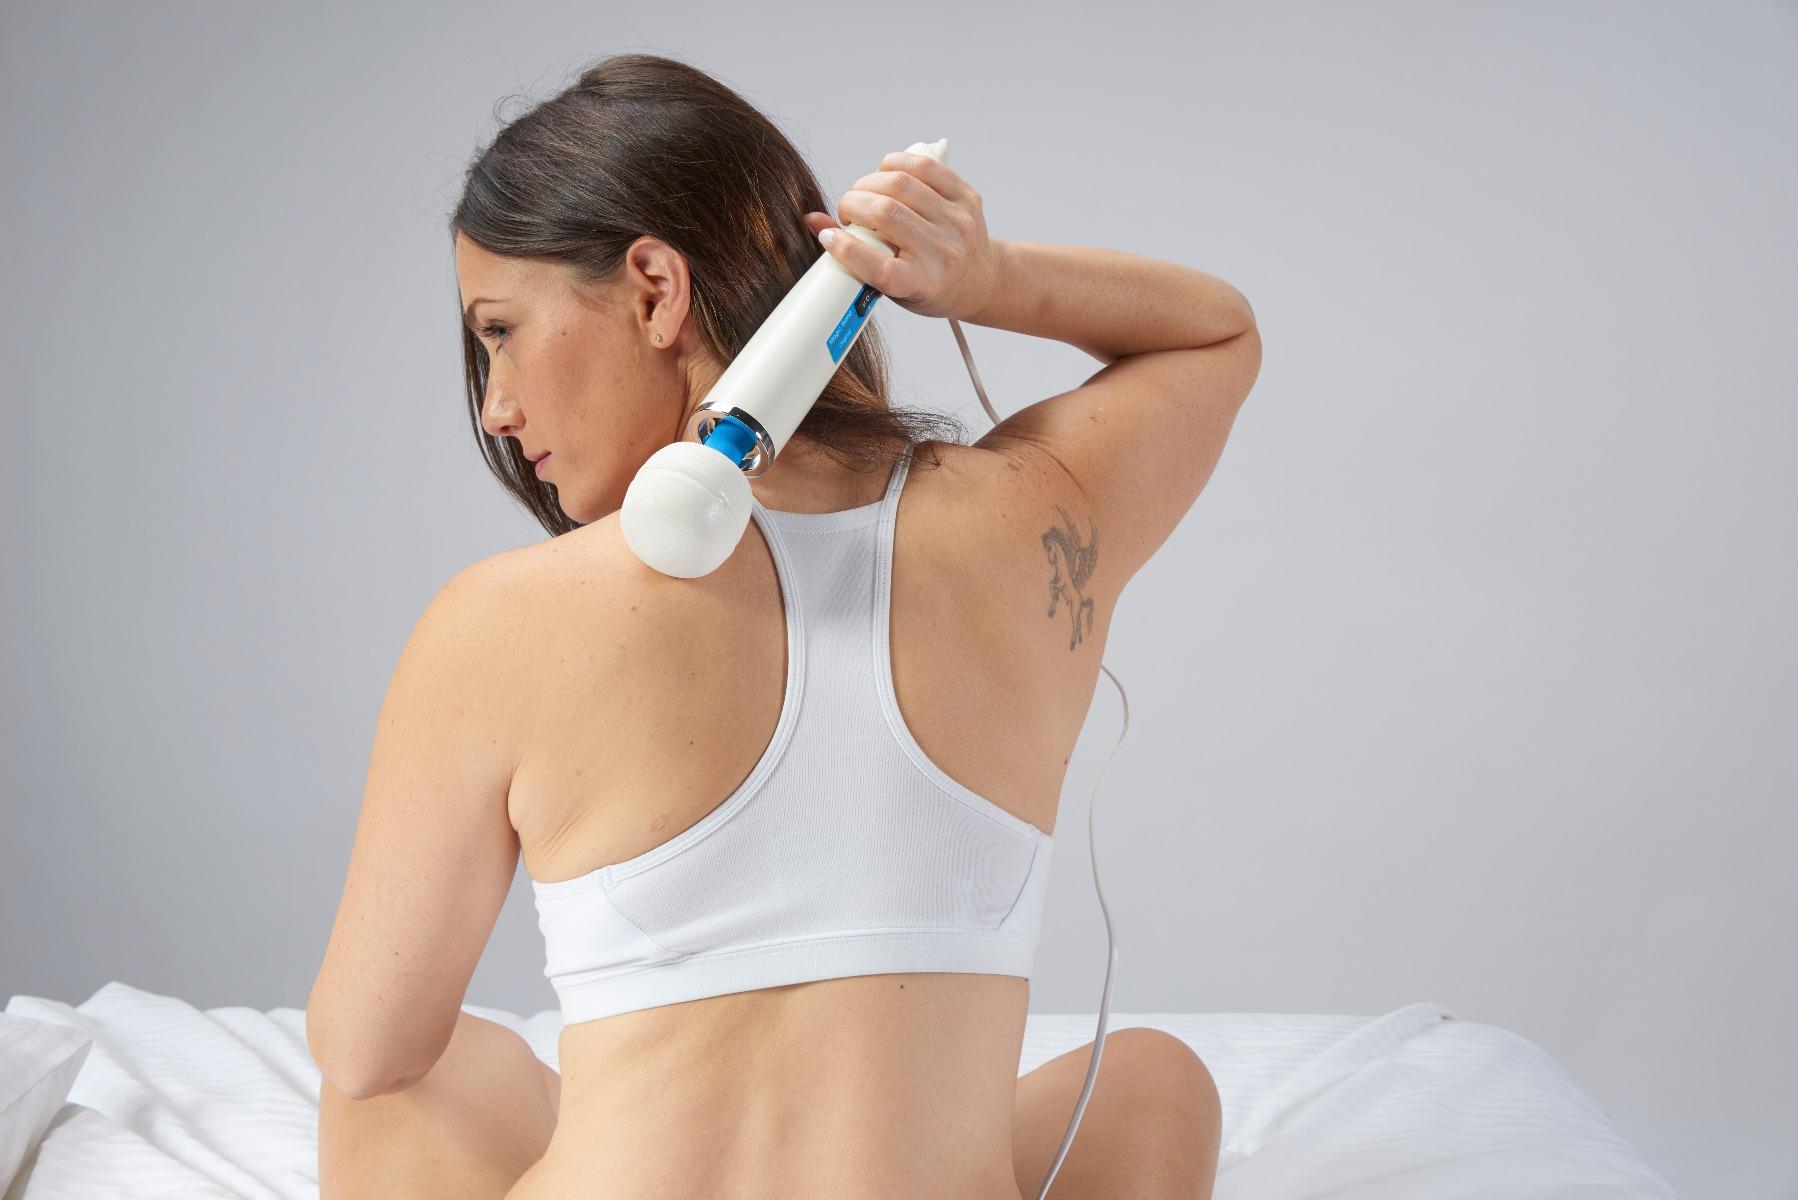 מכשיר עיסוי ביתי - פינוק לגוף ולנפש - תמונה מספר 1